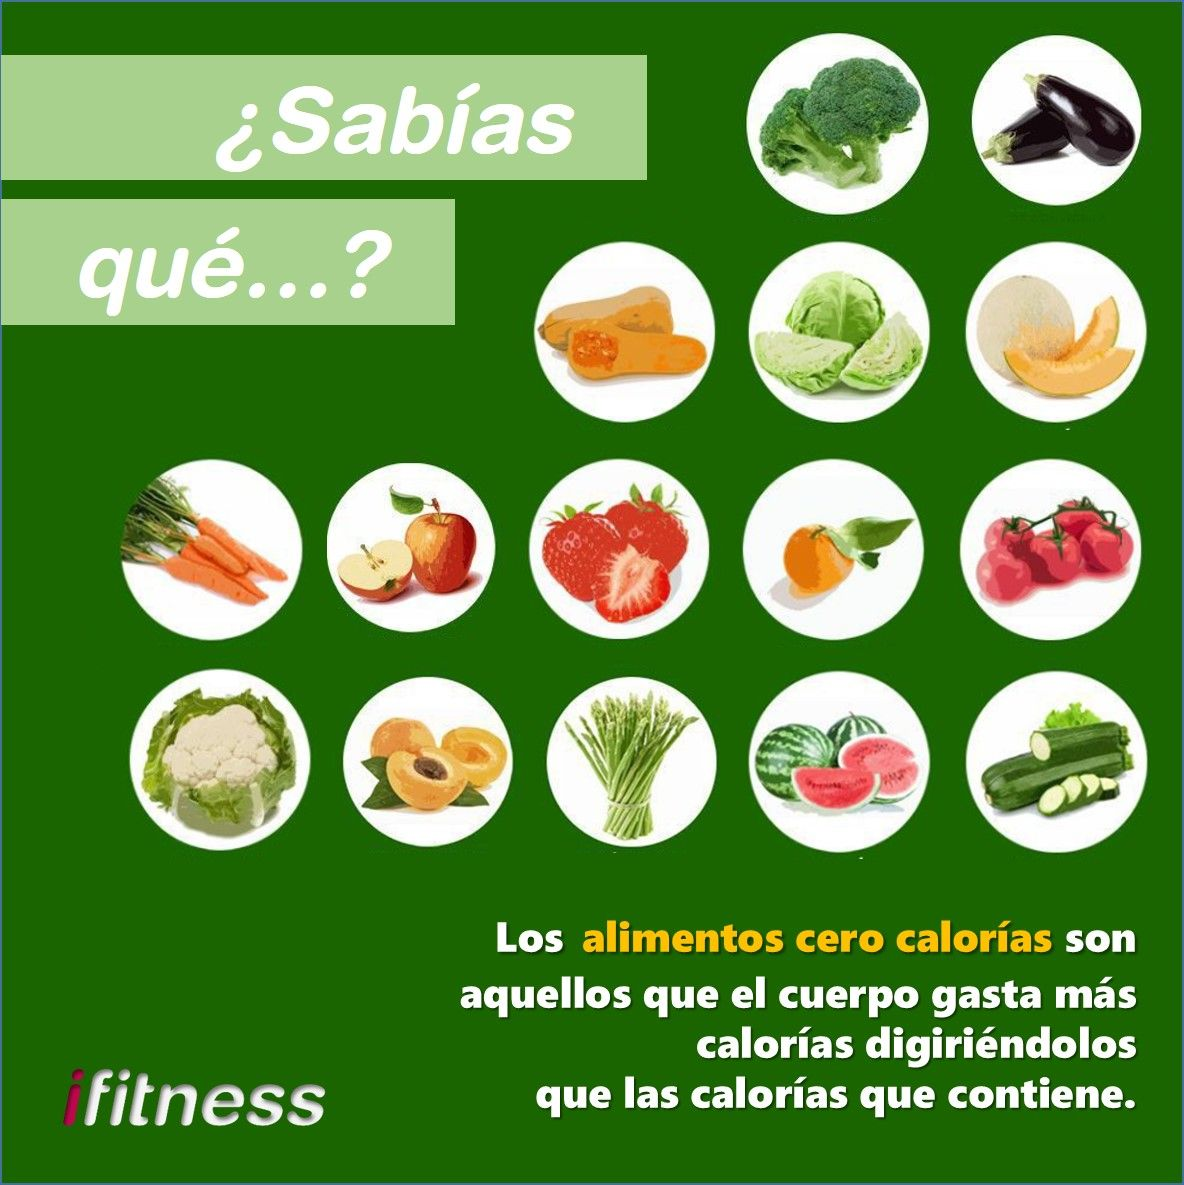 Sab as qu los alimentos cero calor as son aquellos que el cuerpo gasta m s calor as - Las calorias de los alimentos ...